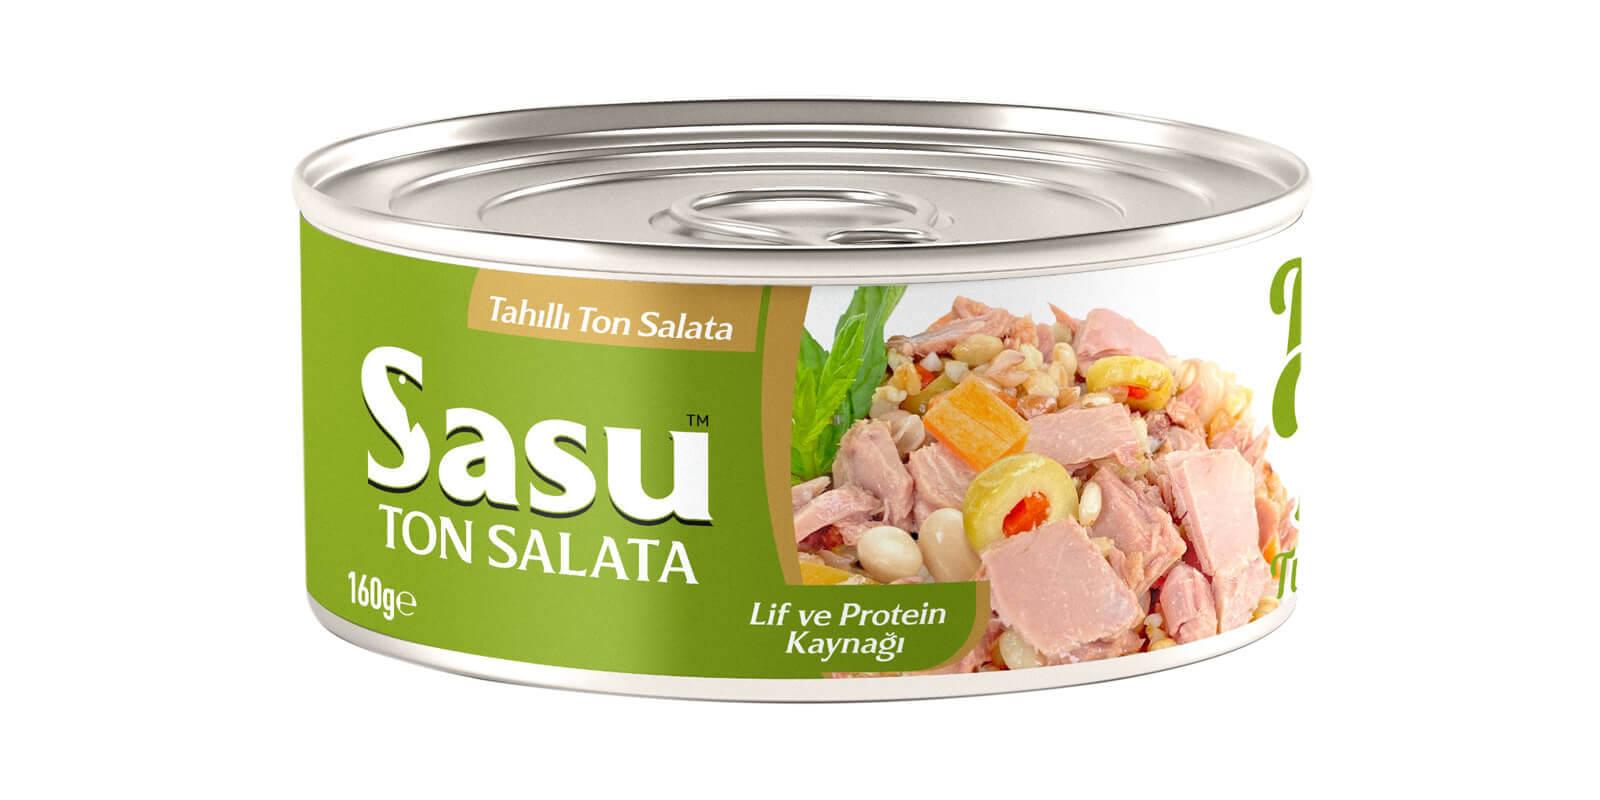 sasu-ton-balikli-salata-tahilli-160gr